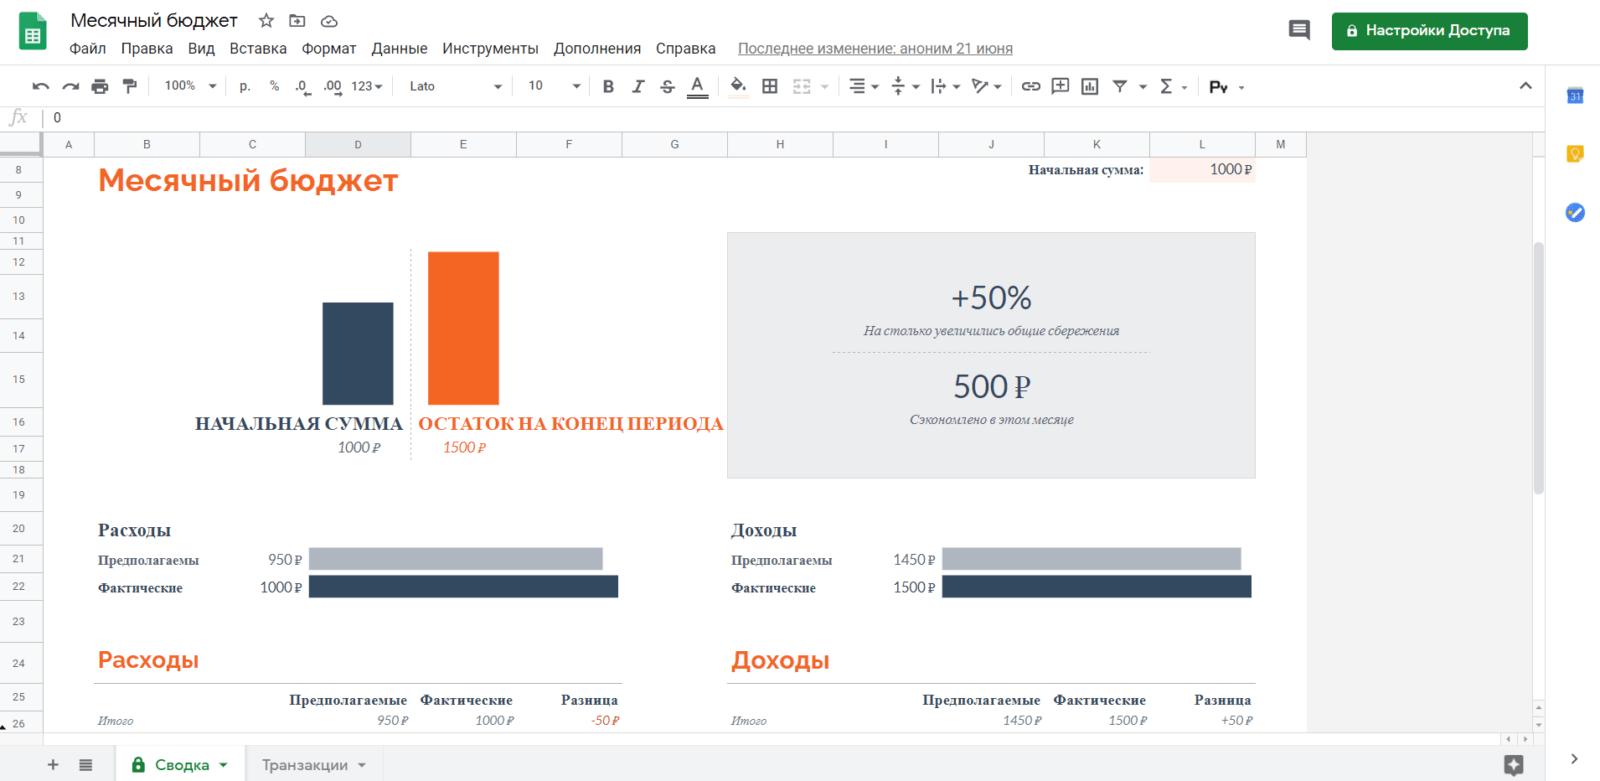 Дашборд как интерактивная альтернатива табличным отчетам